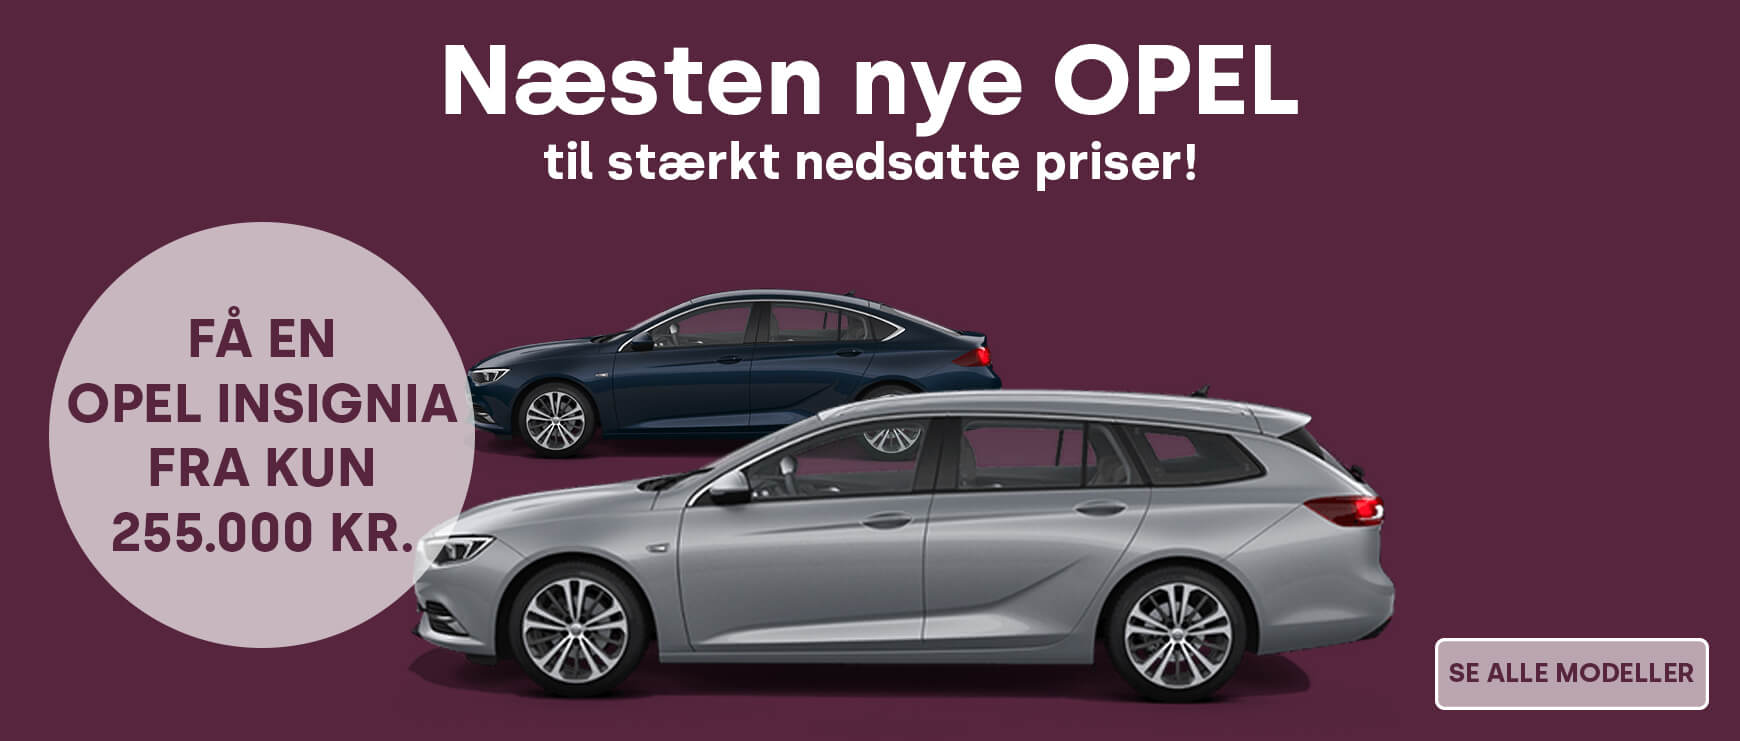 Opel tilbud